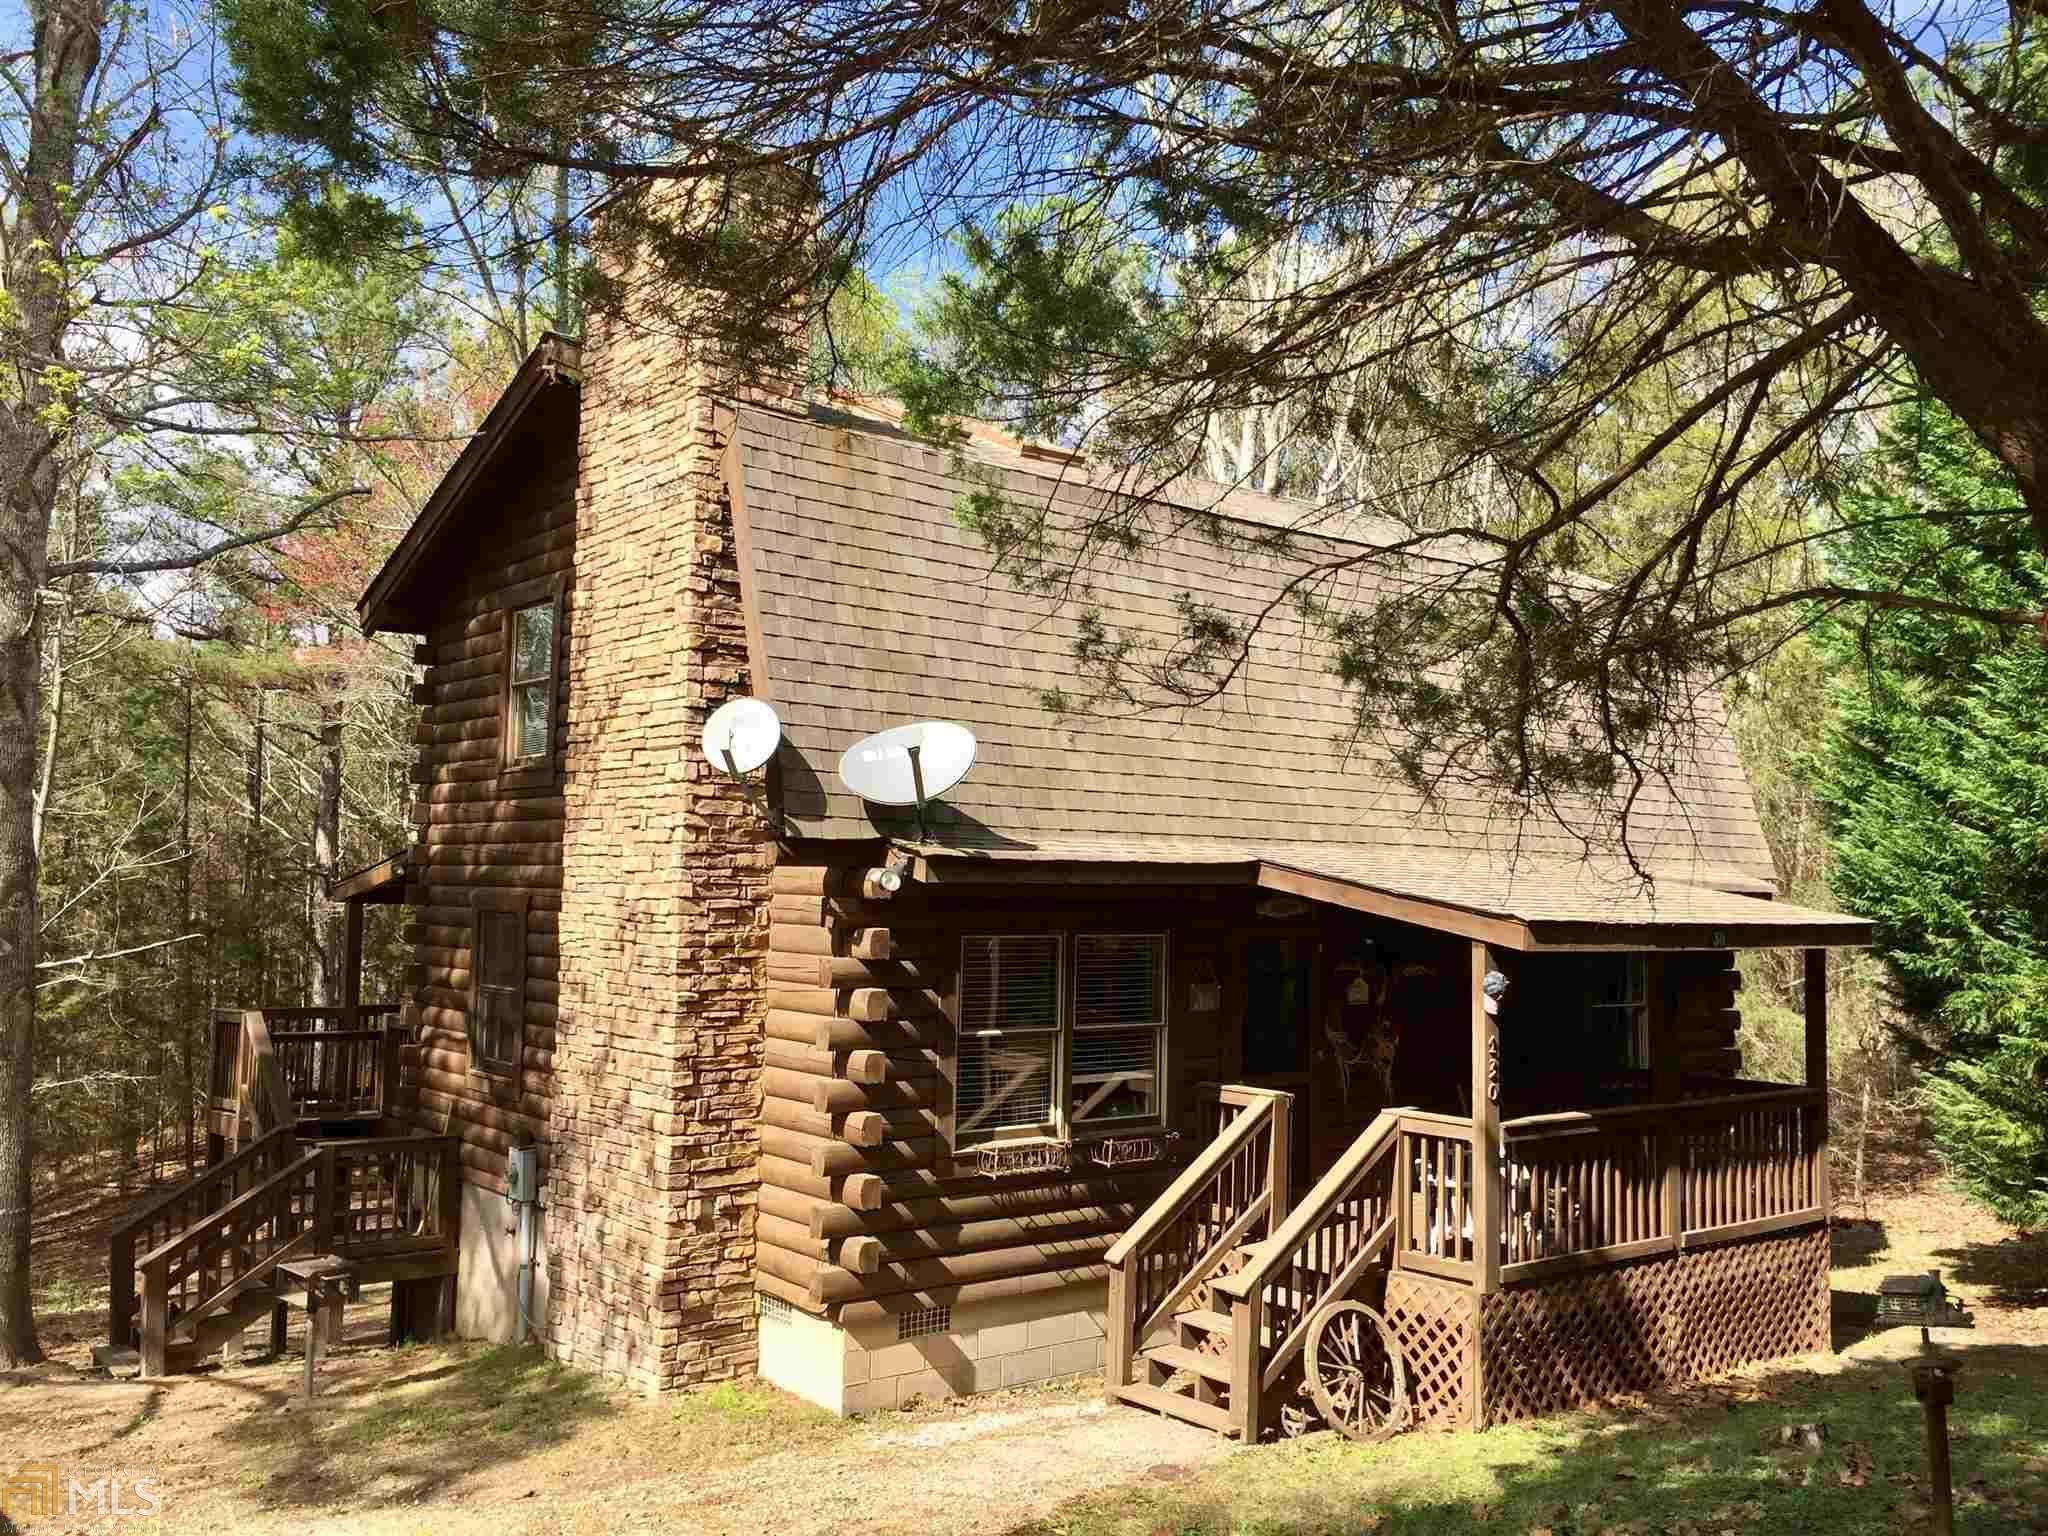 130 Mountain Springs Rd, Warm Springs, GA 31830 | Trulia